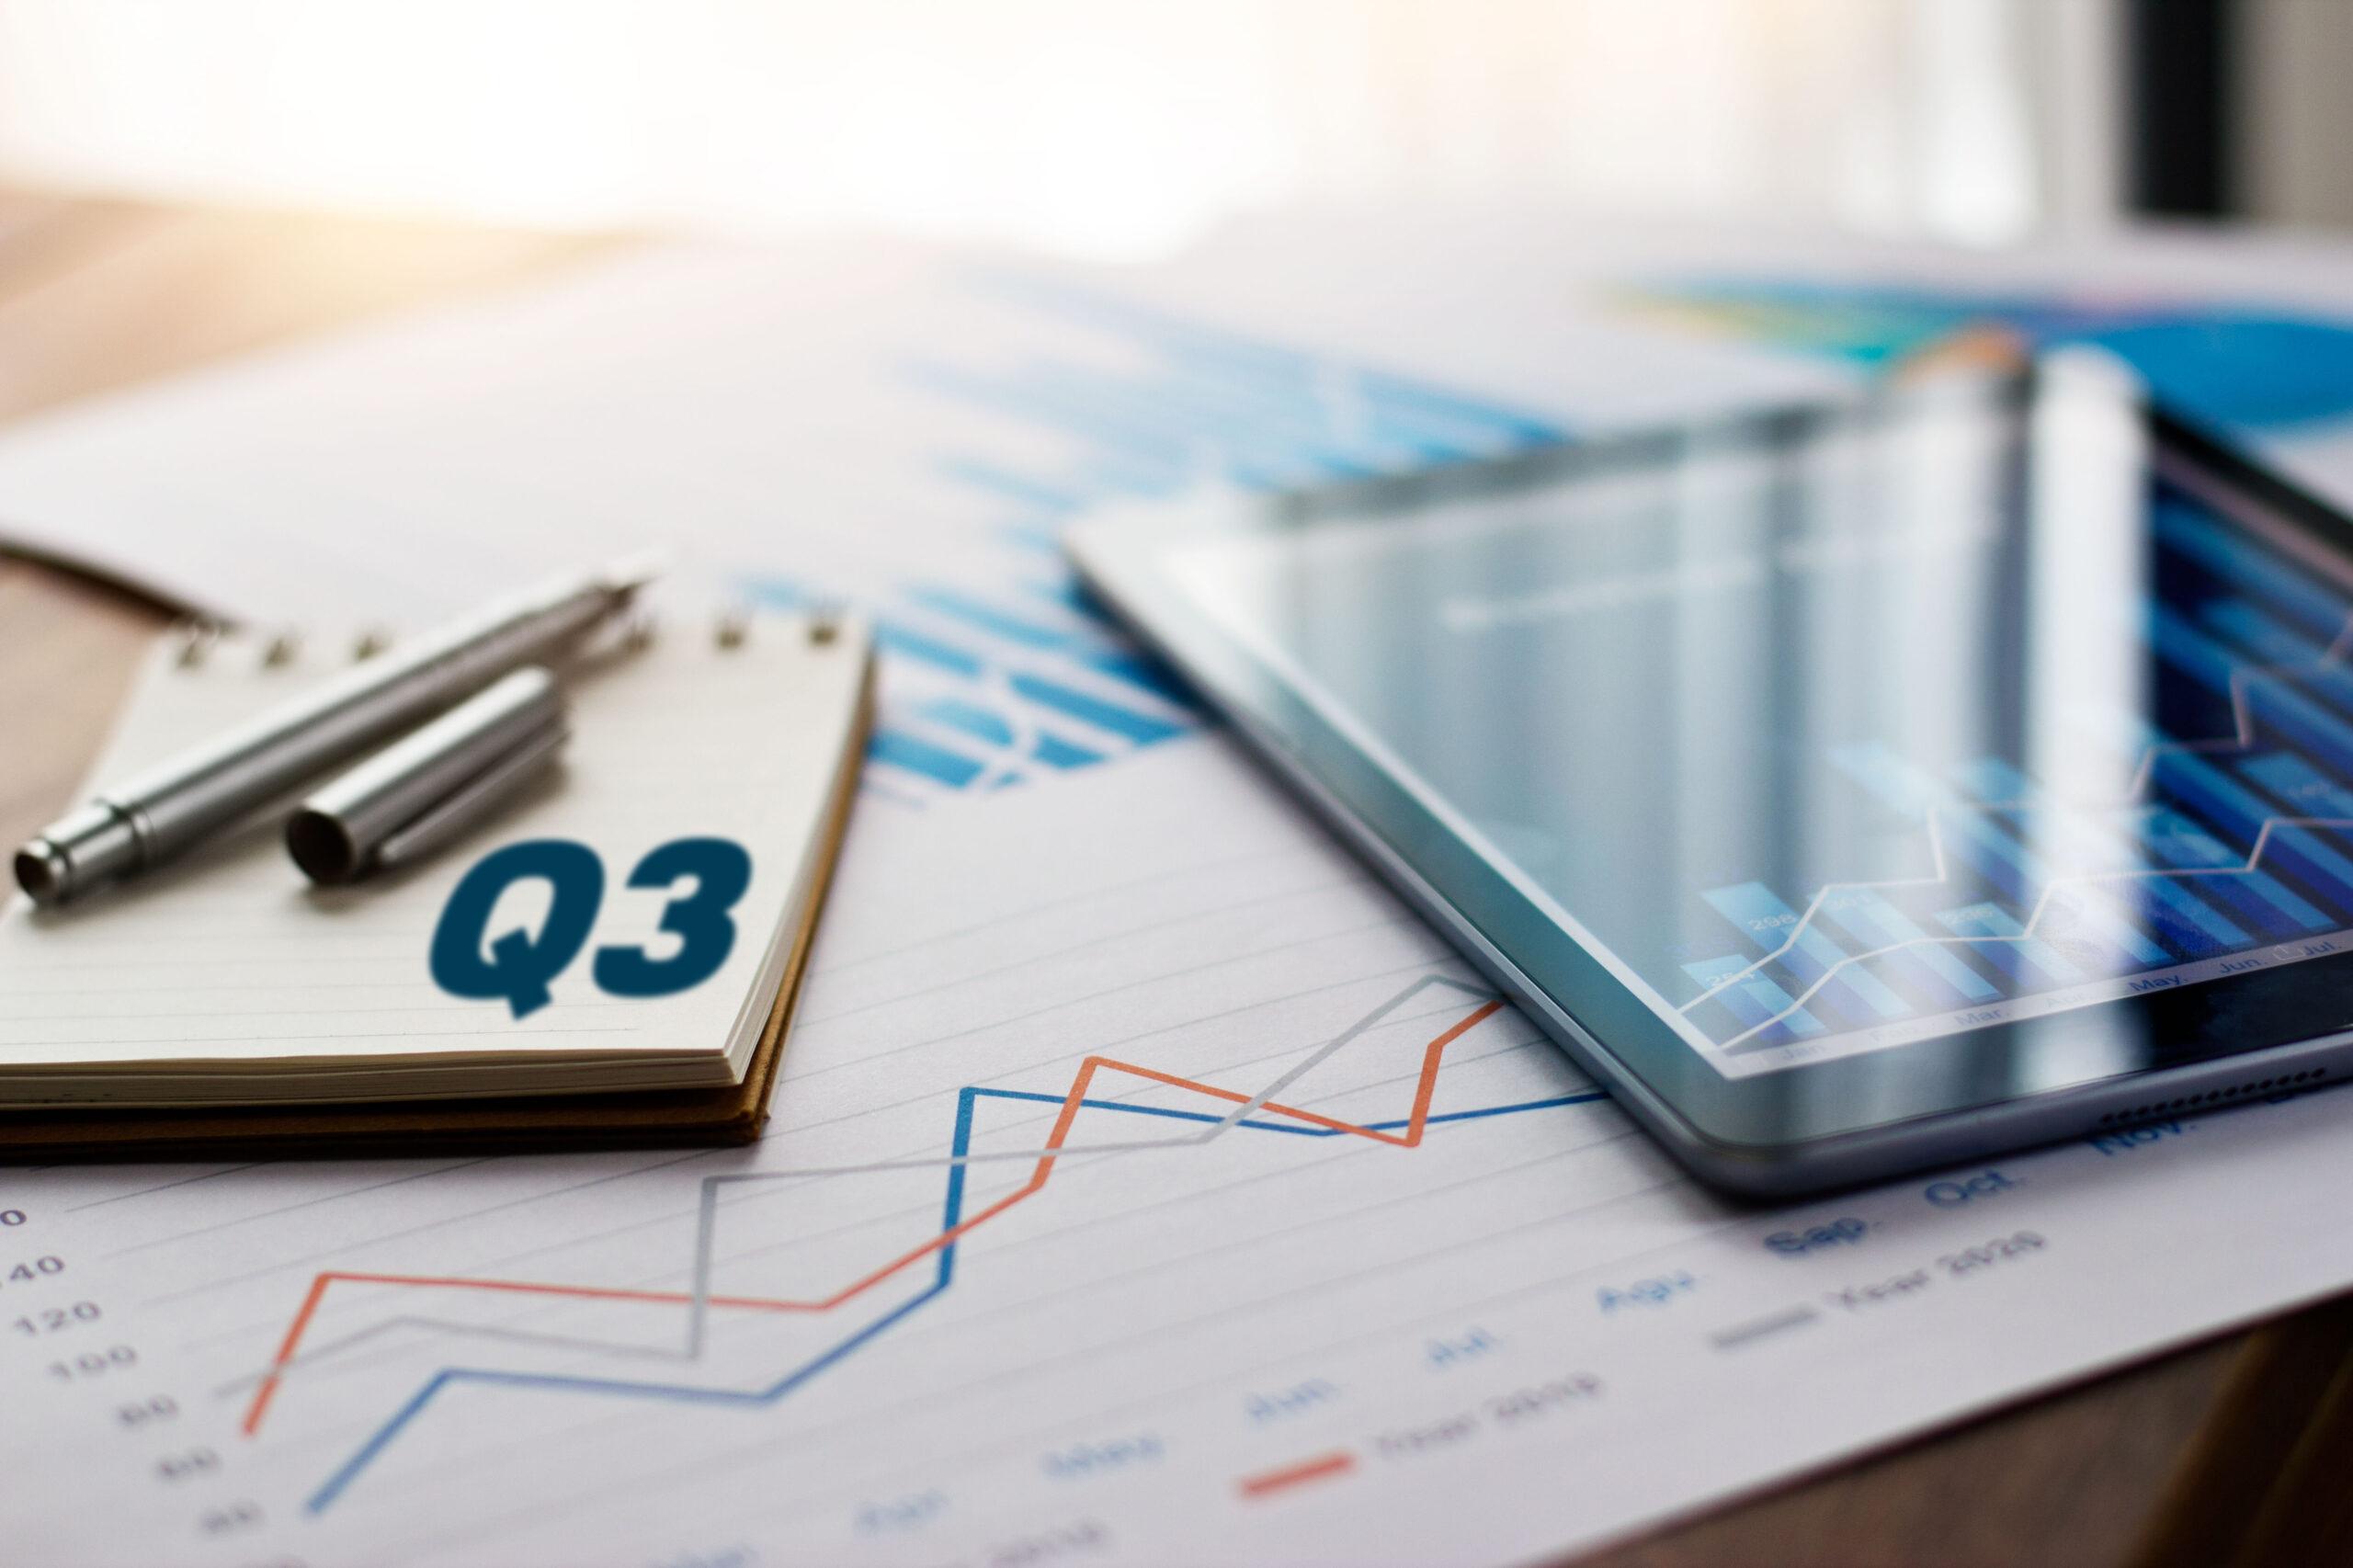 Q3 statistikk 2020